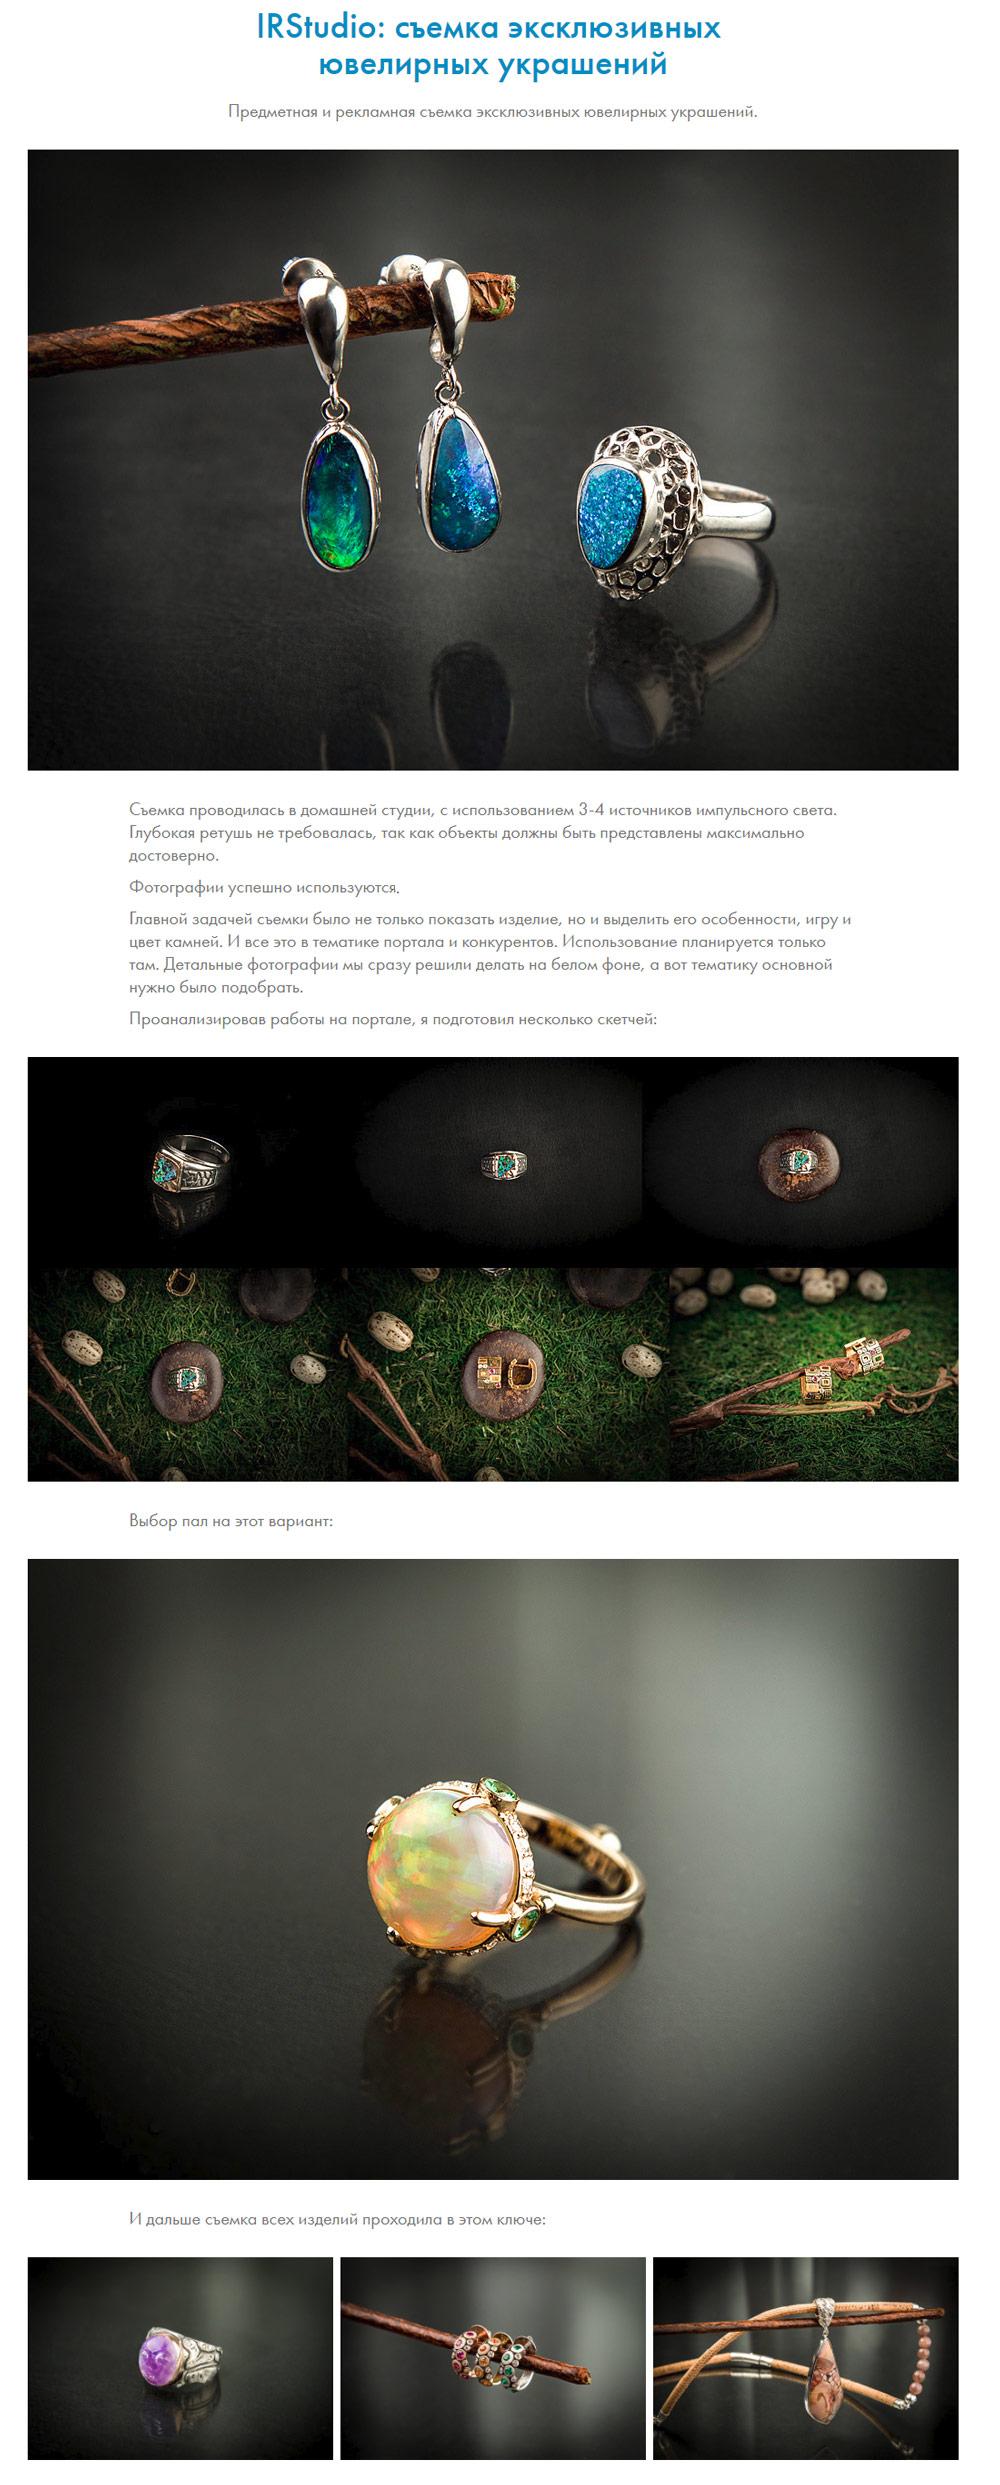 IRStudio: съемка эксклюзивных ювелирных украшений. Страница 1